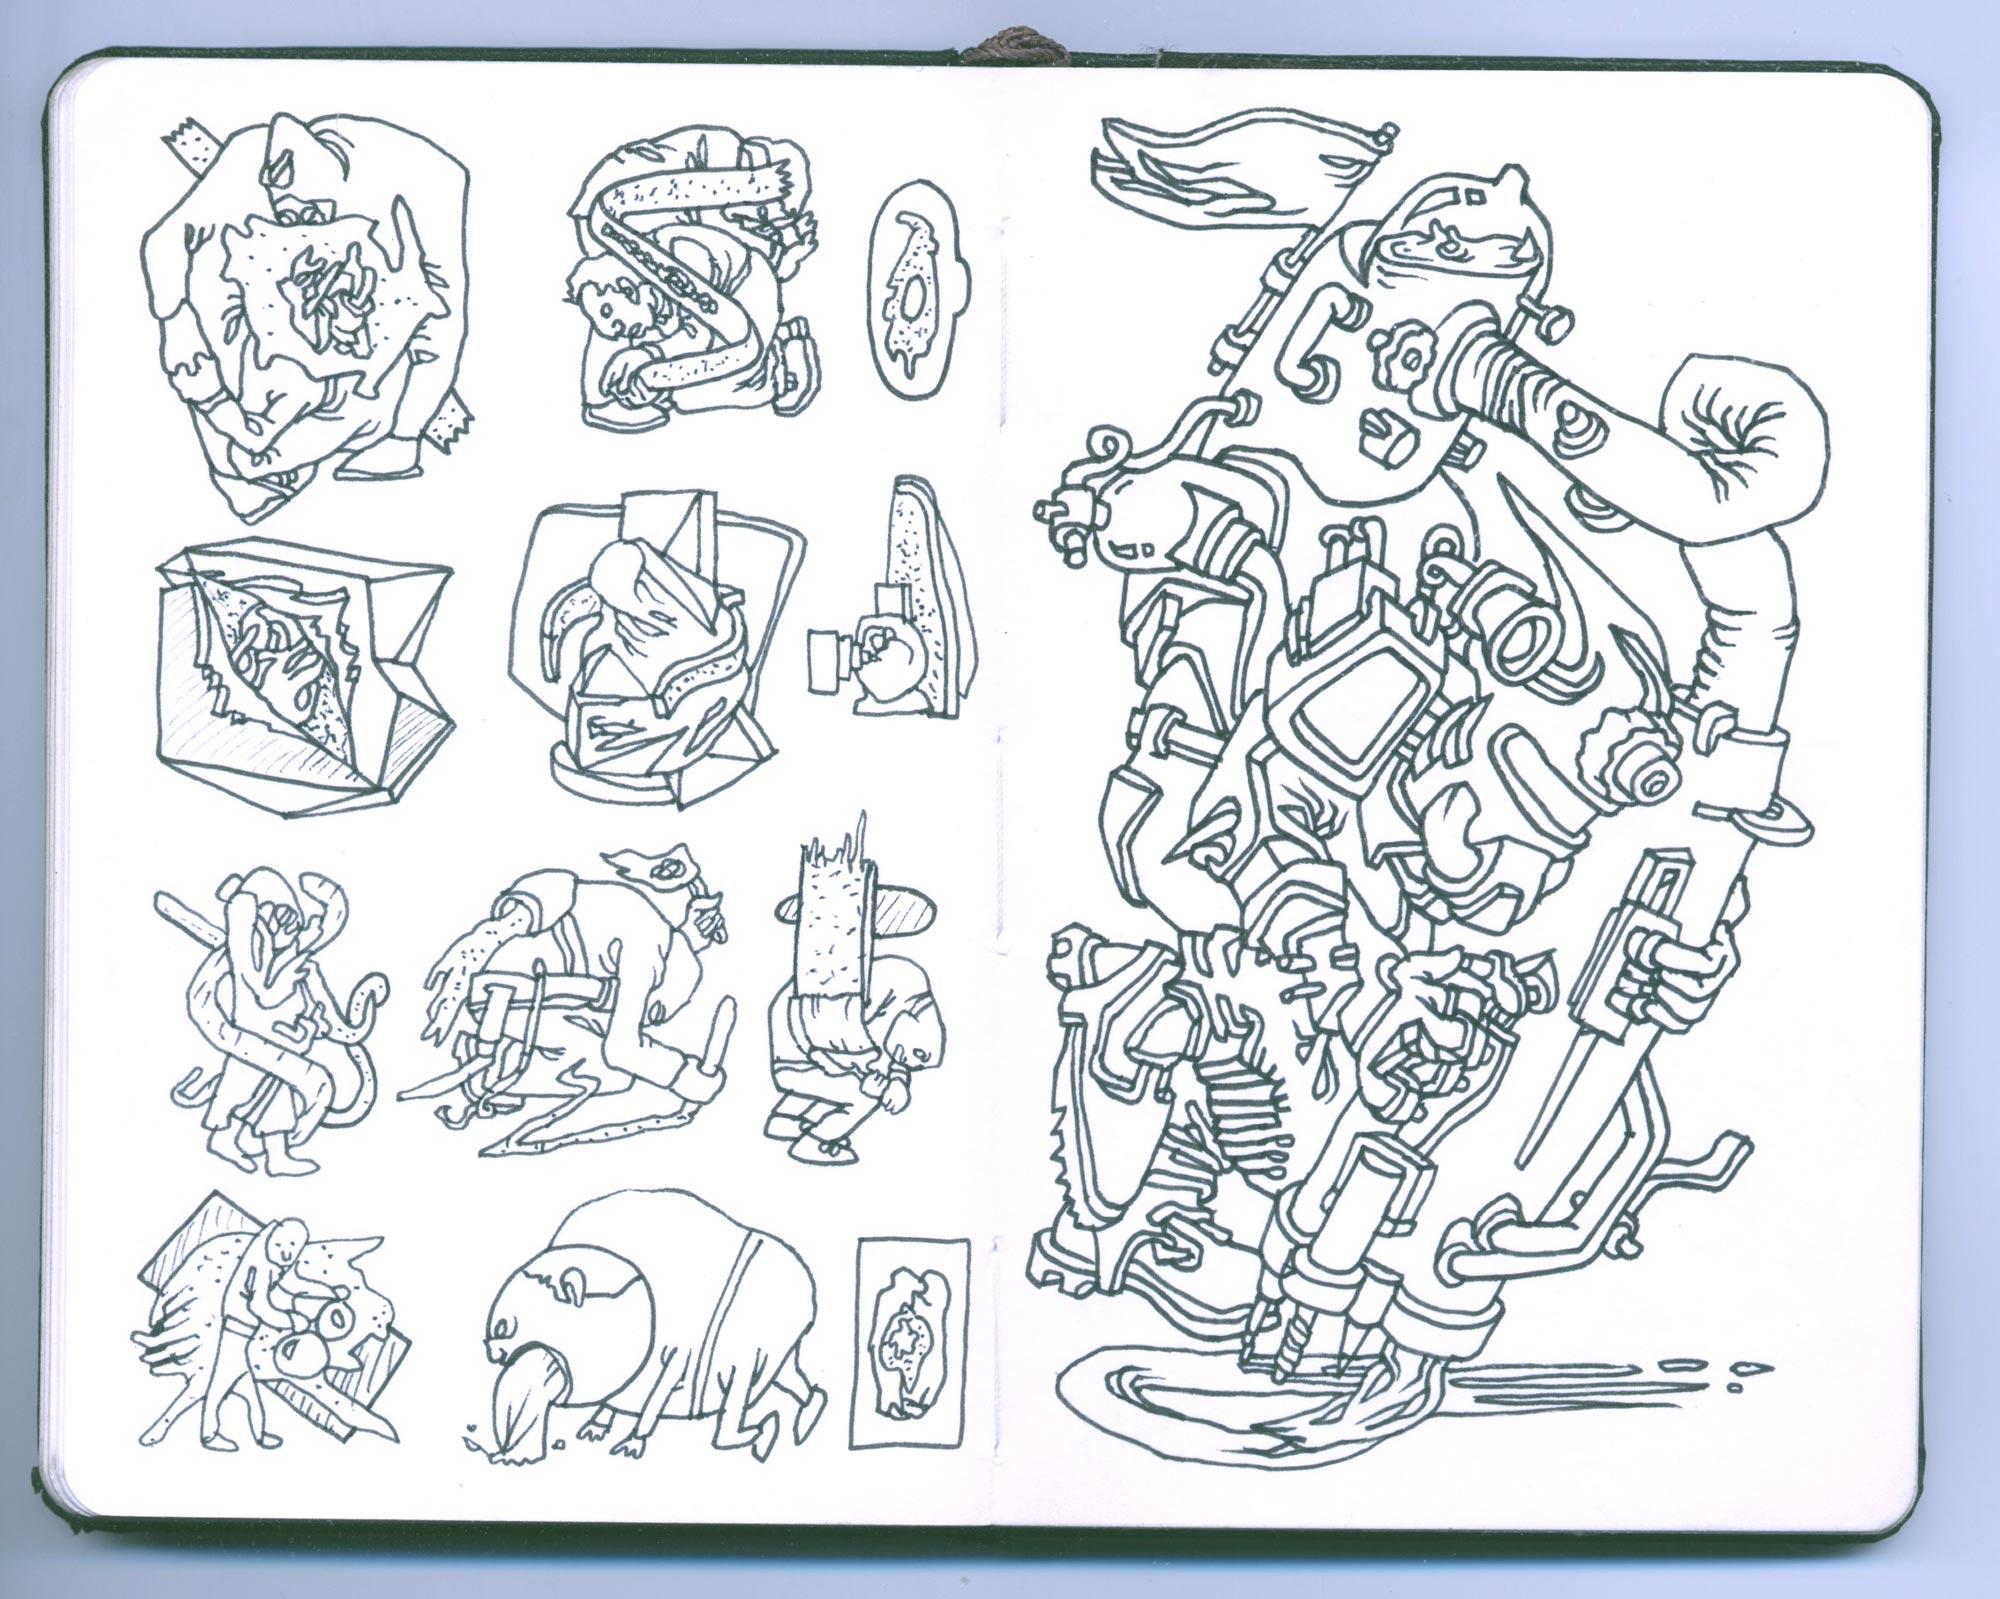 Pocket Sketchbook